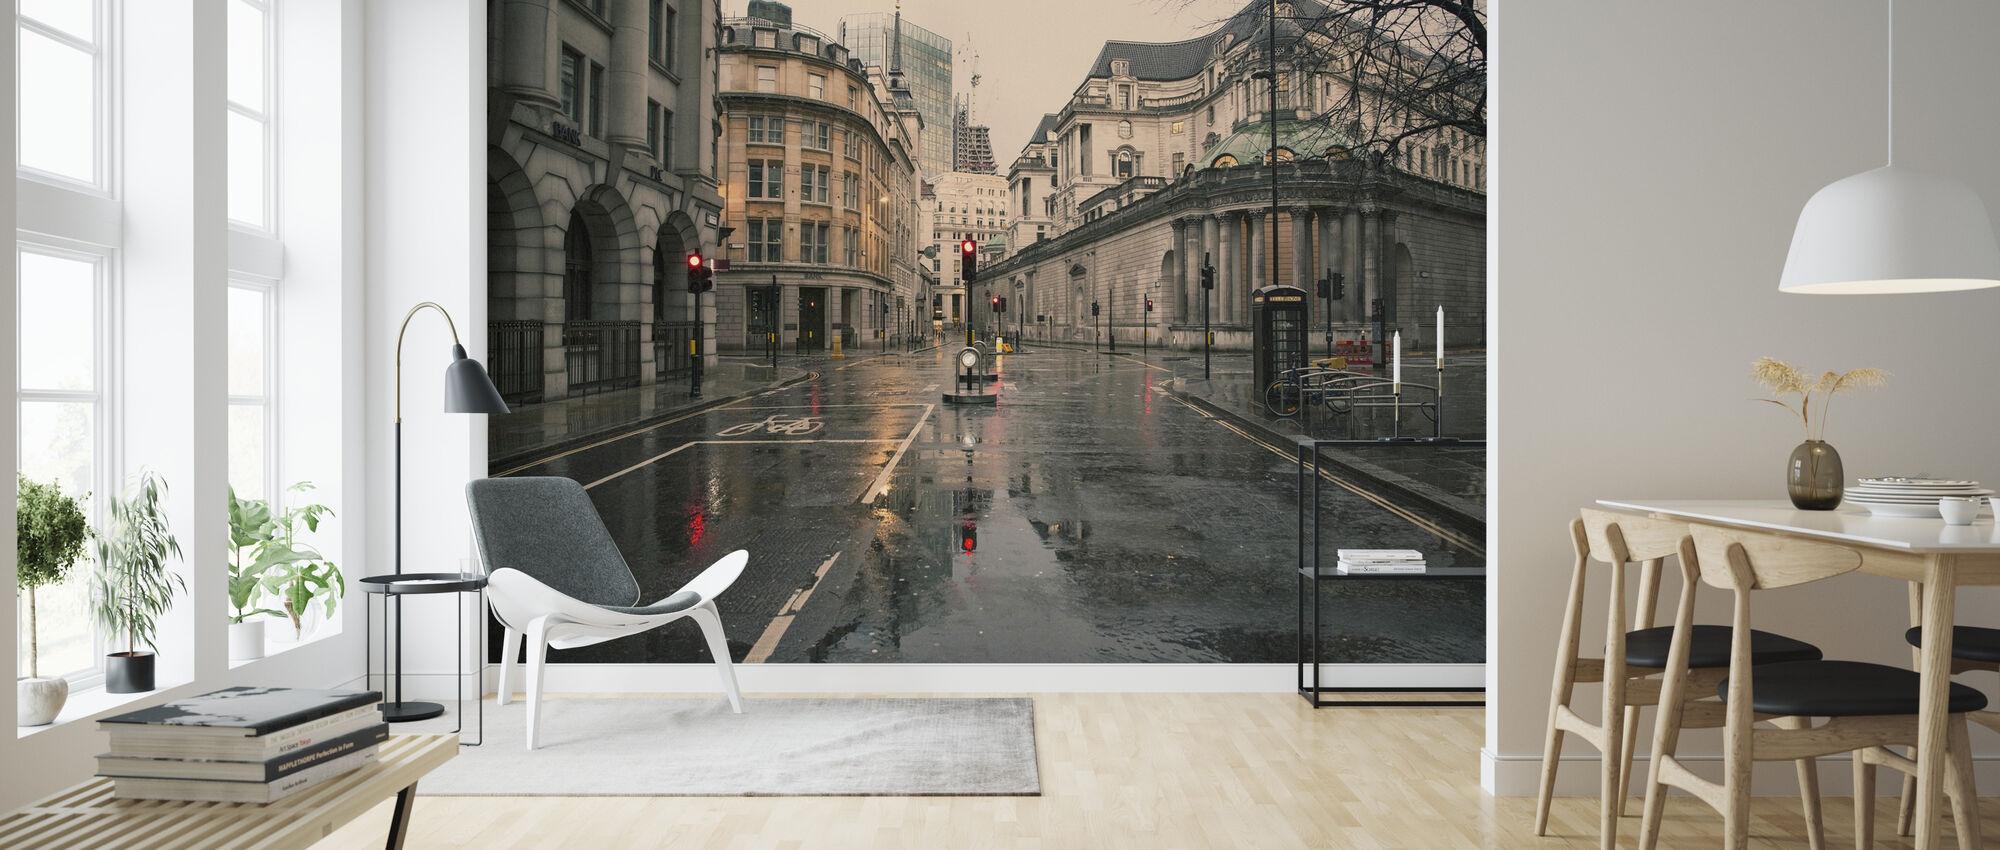 Skyfall - Wallpaper - Living Room